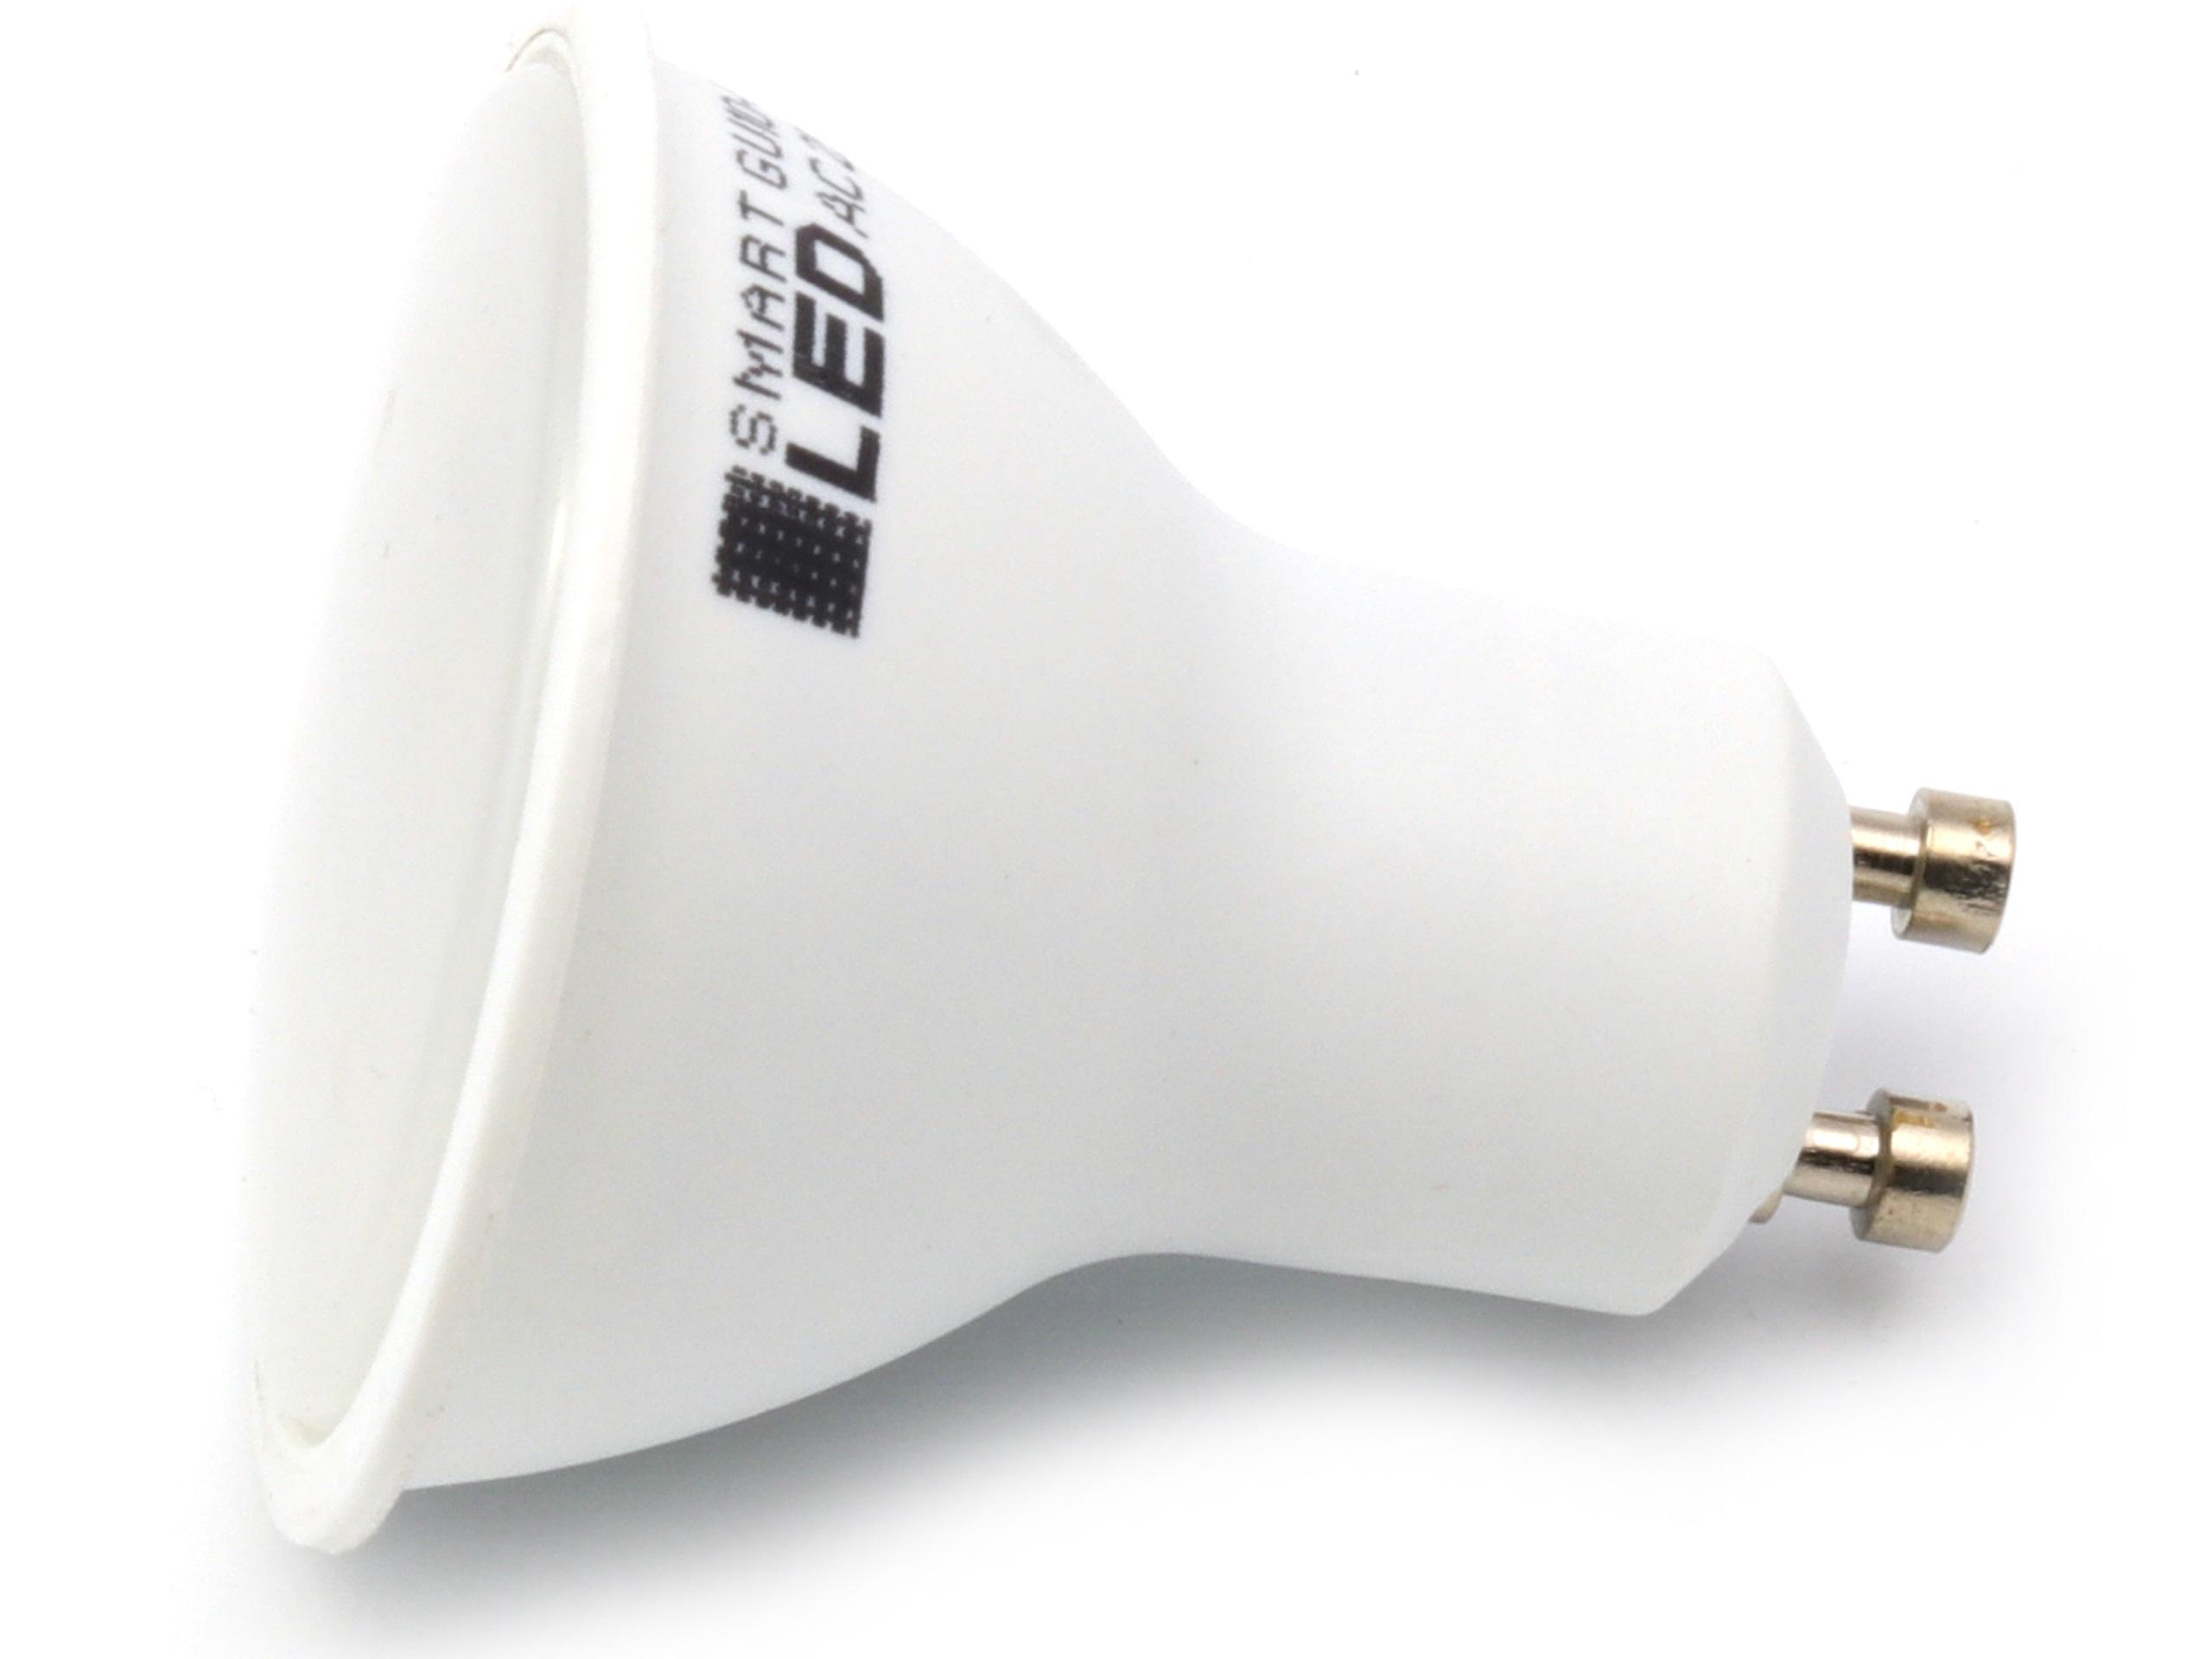 Лампа GU10 LED 2835 SMD 9W CCD Нейтральная белая